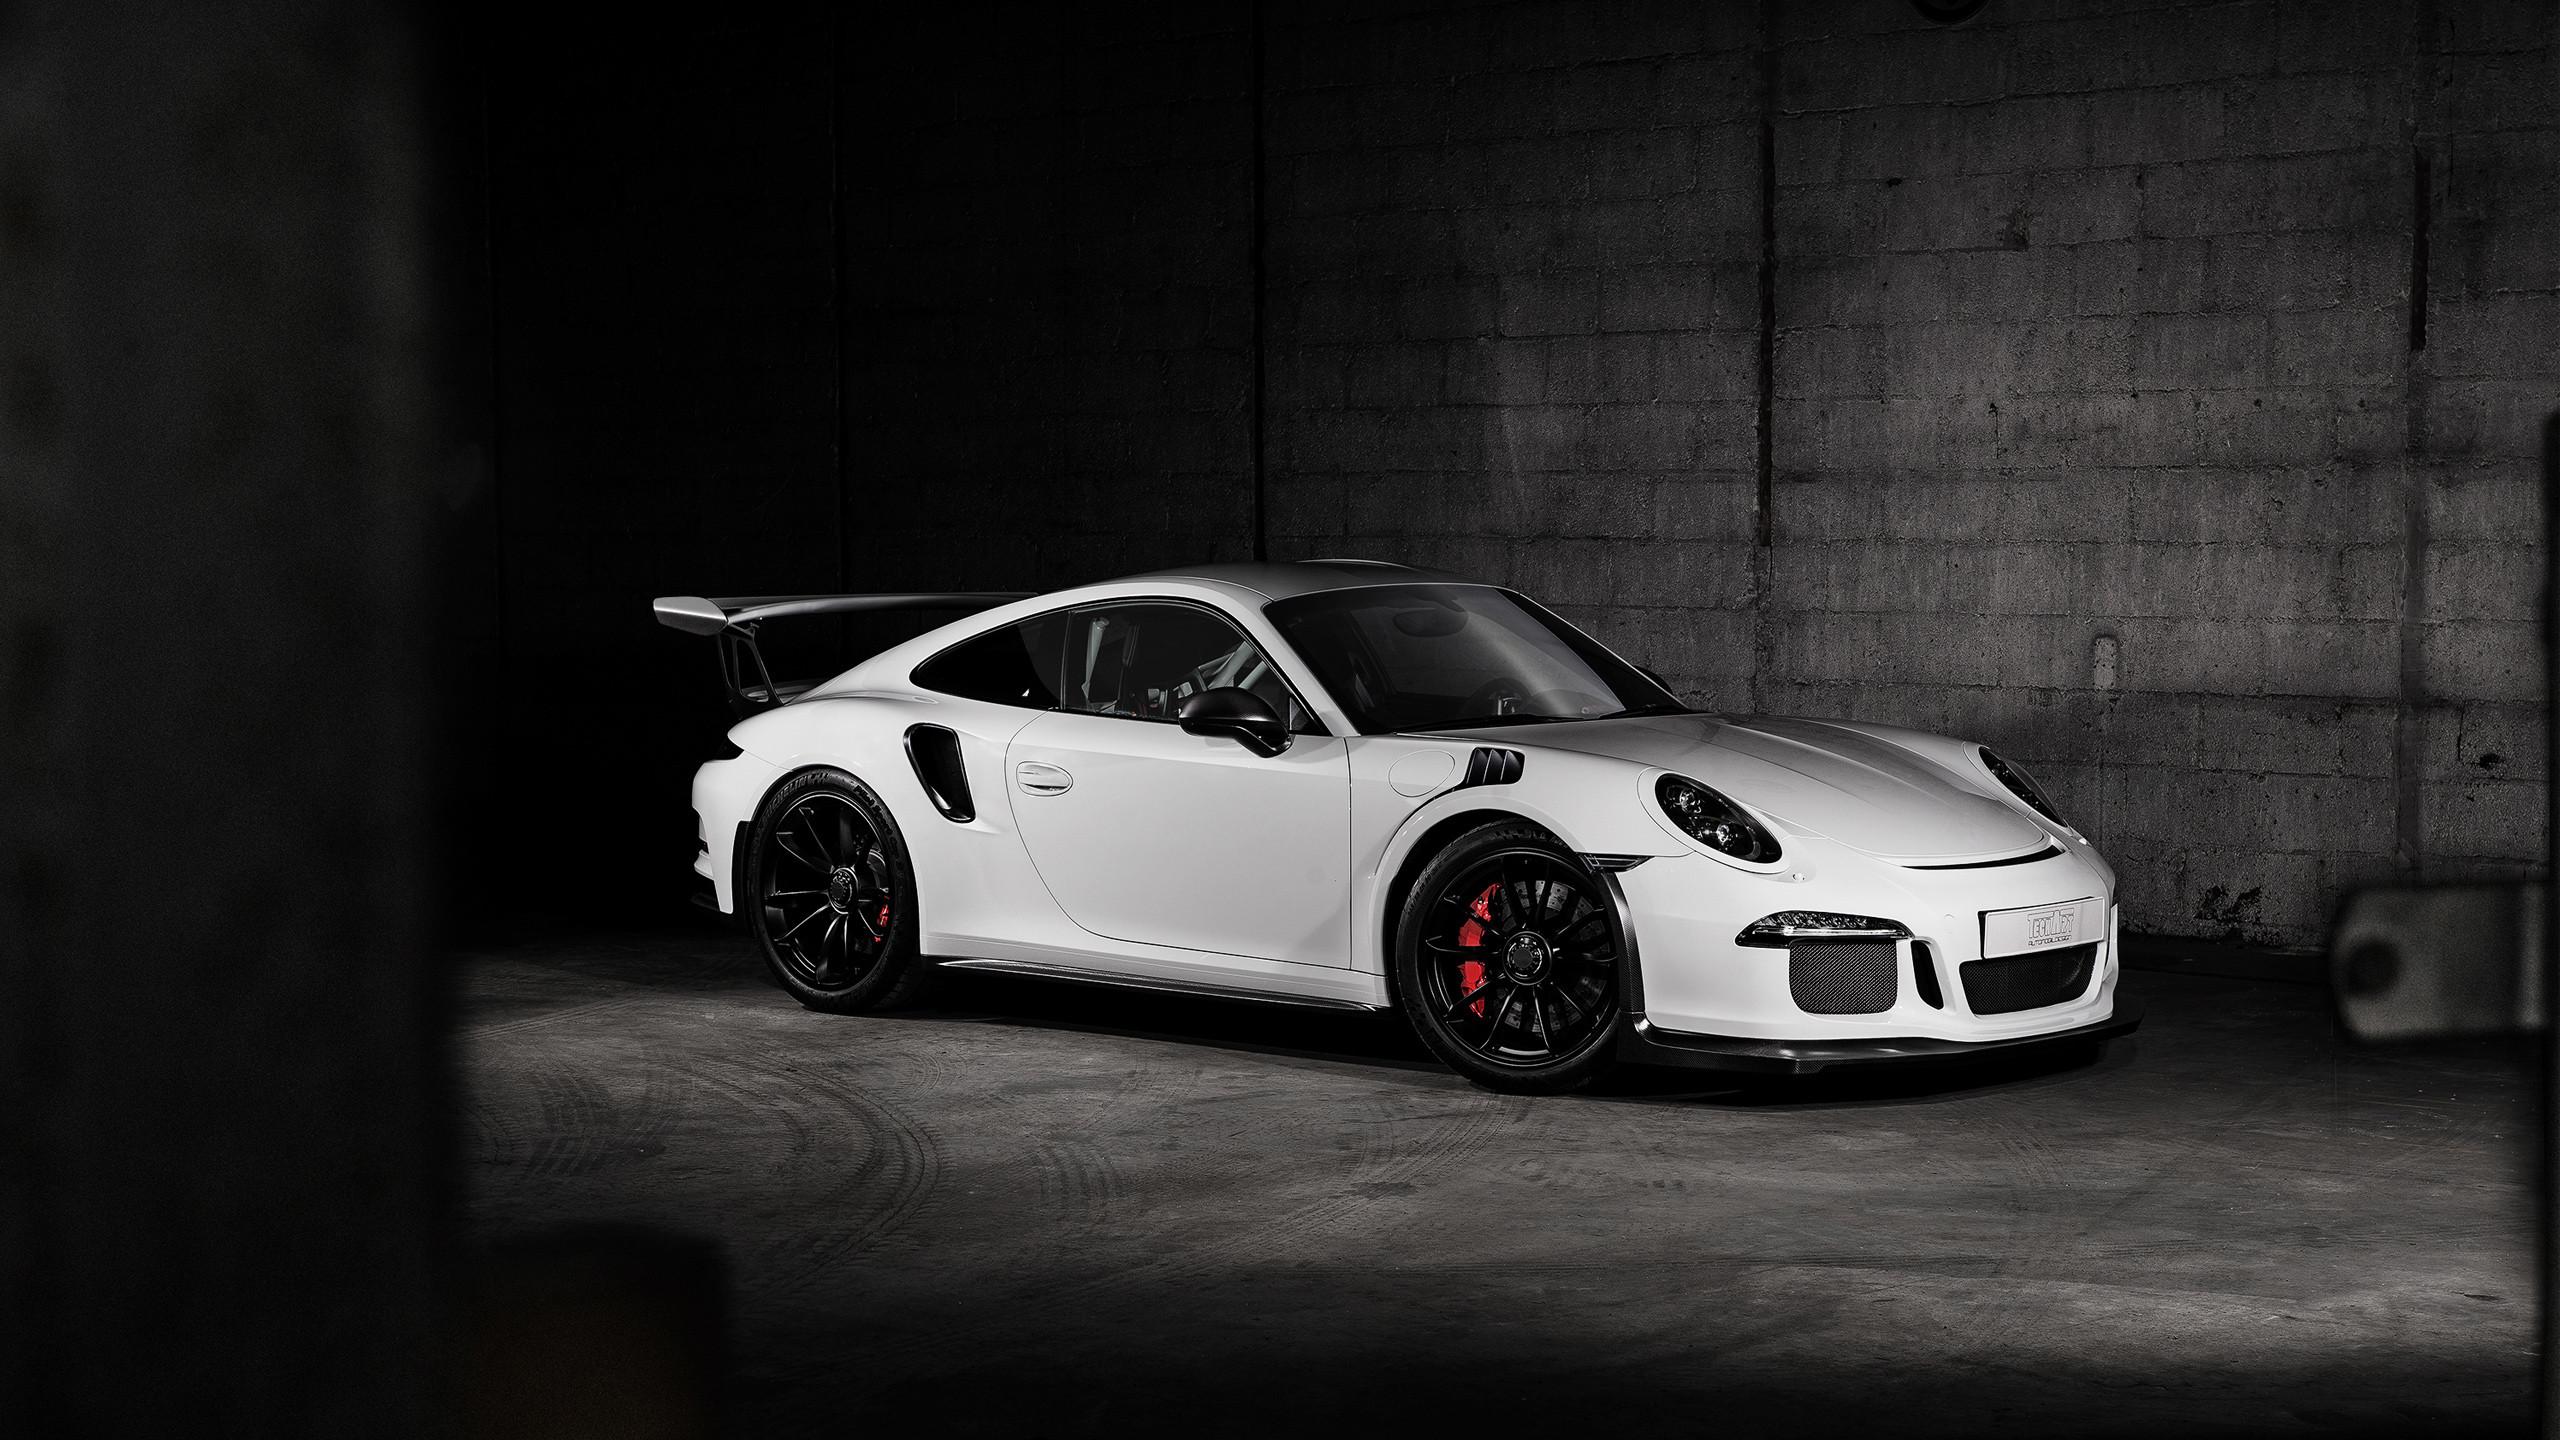 White Porsche Gt3 Rs 1280x720 Download Hd Wallpaper Wallpapertip